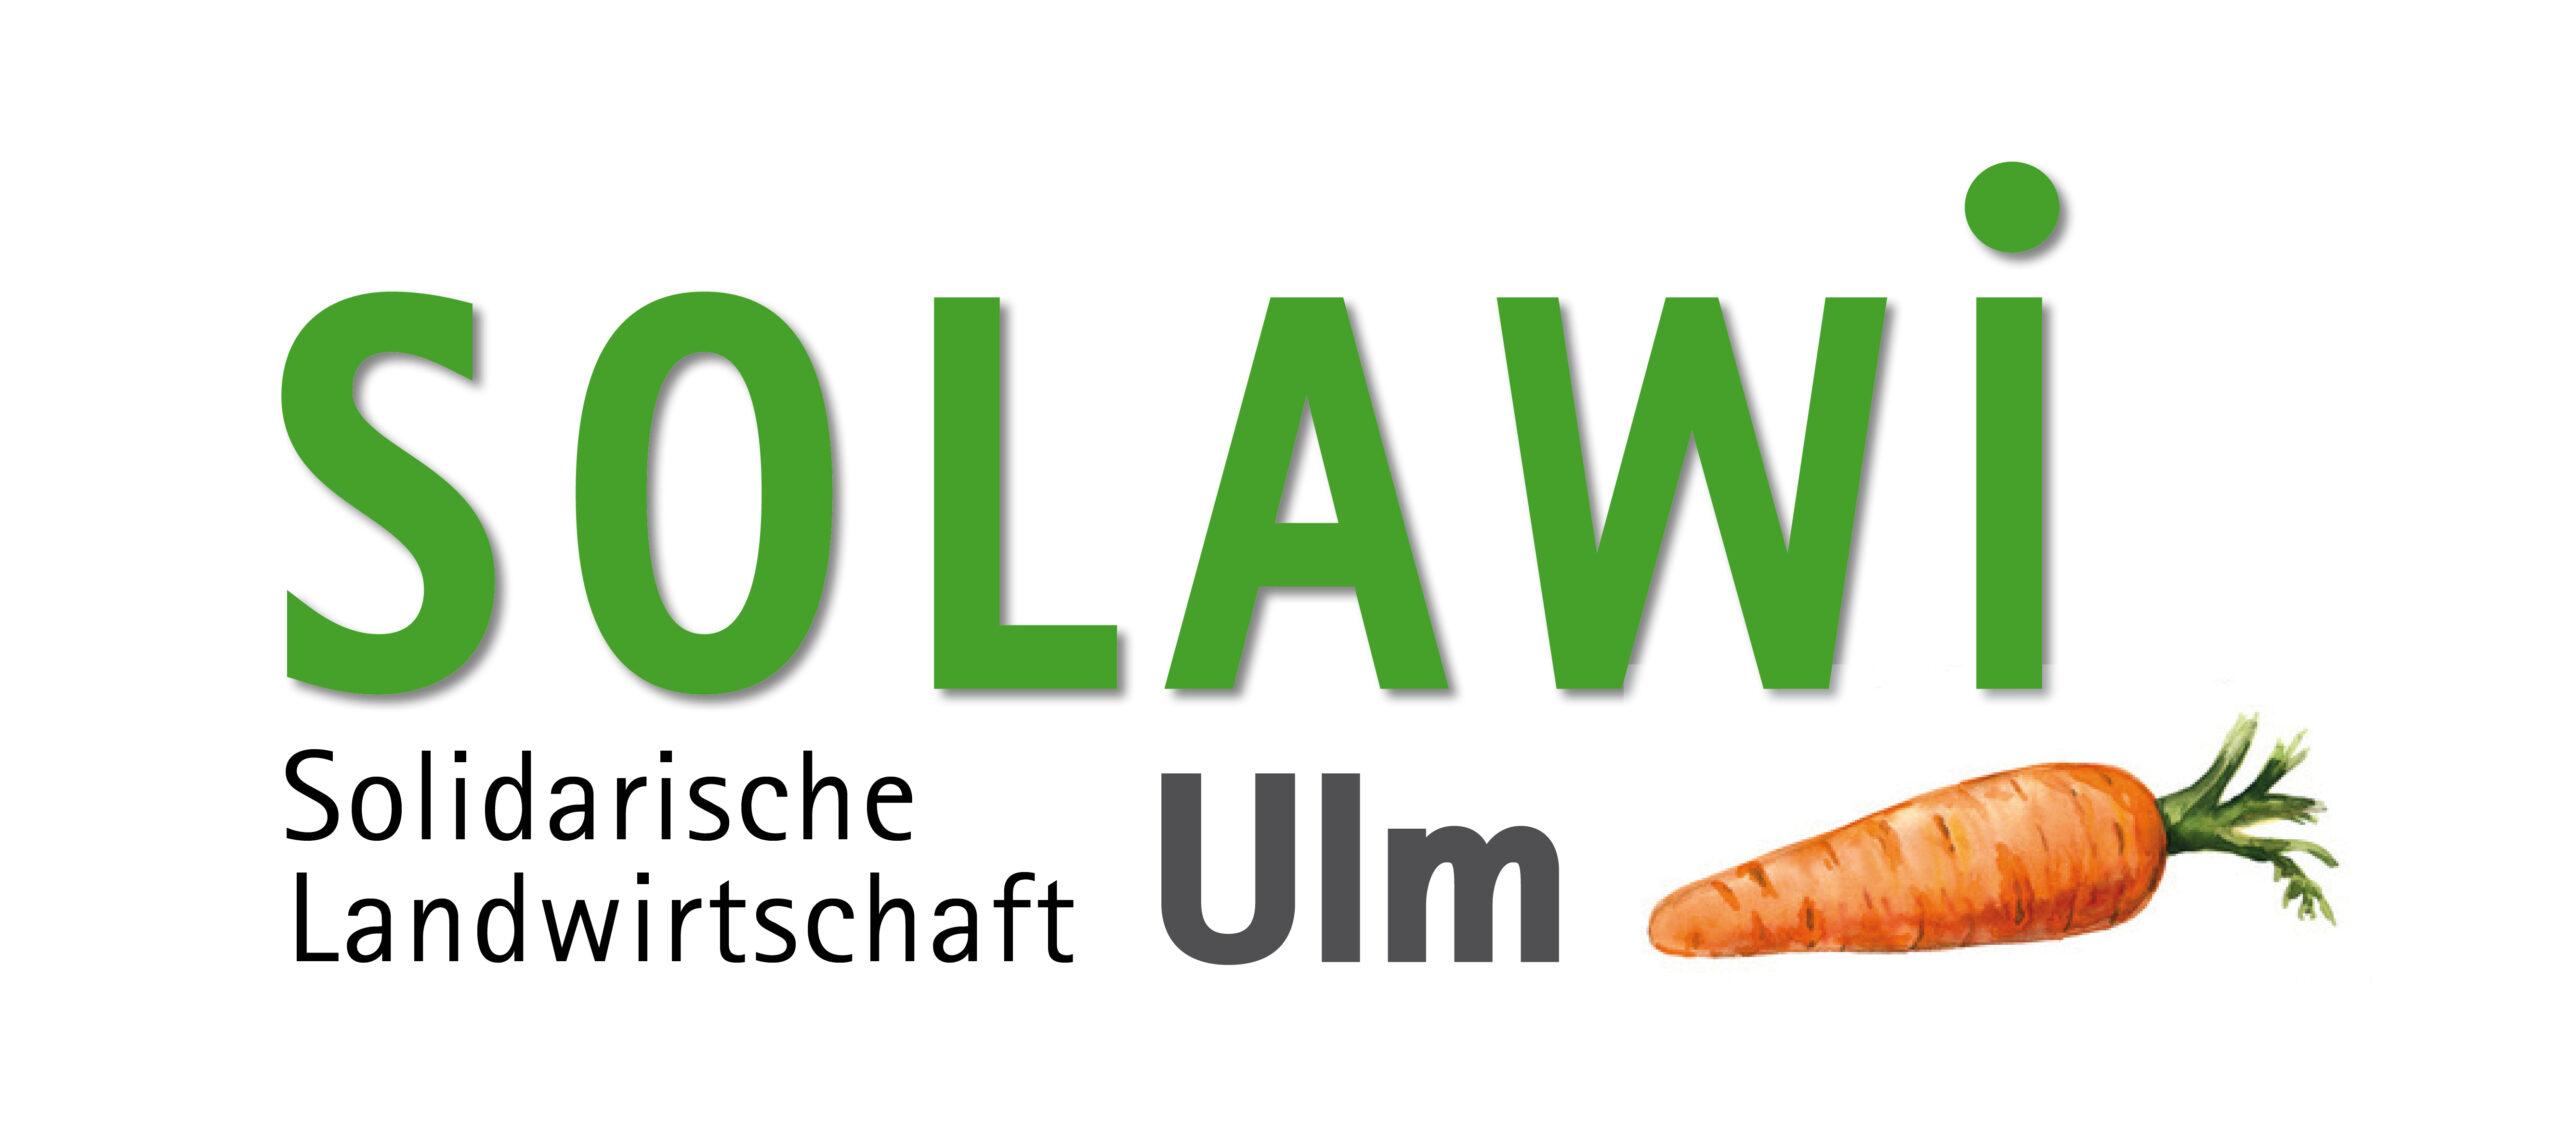 Solidarische Landwirtschaft Ulm